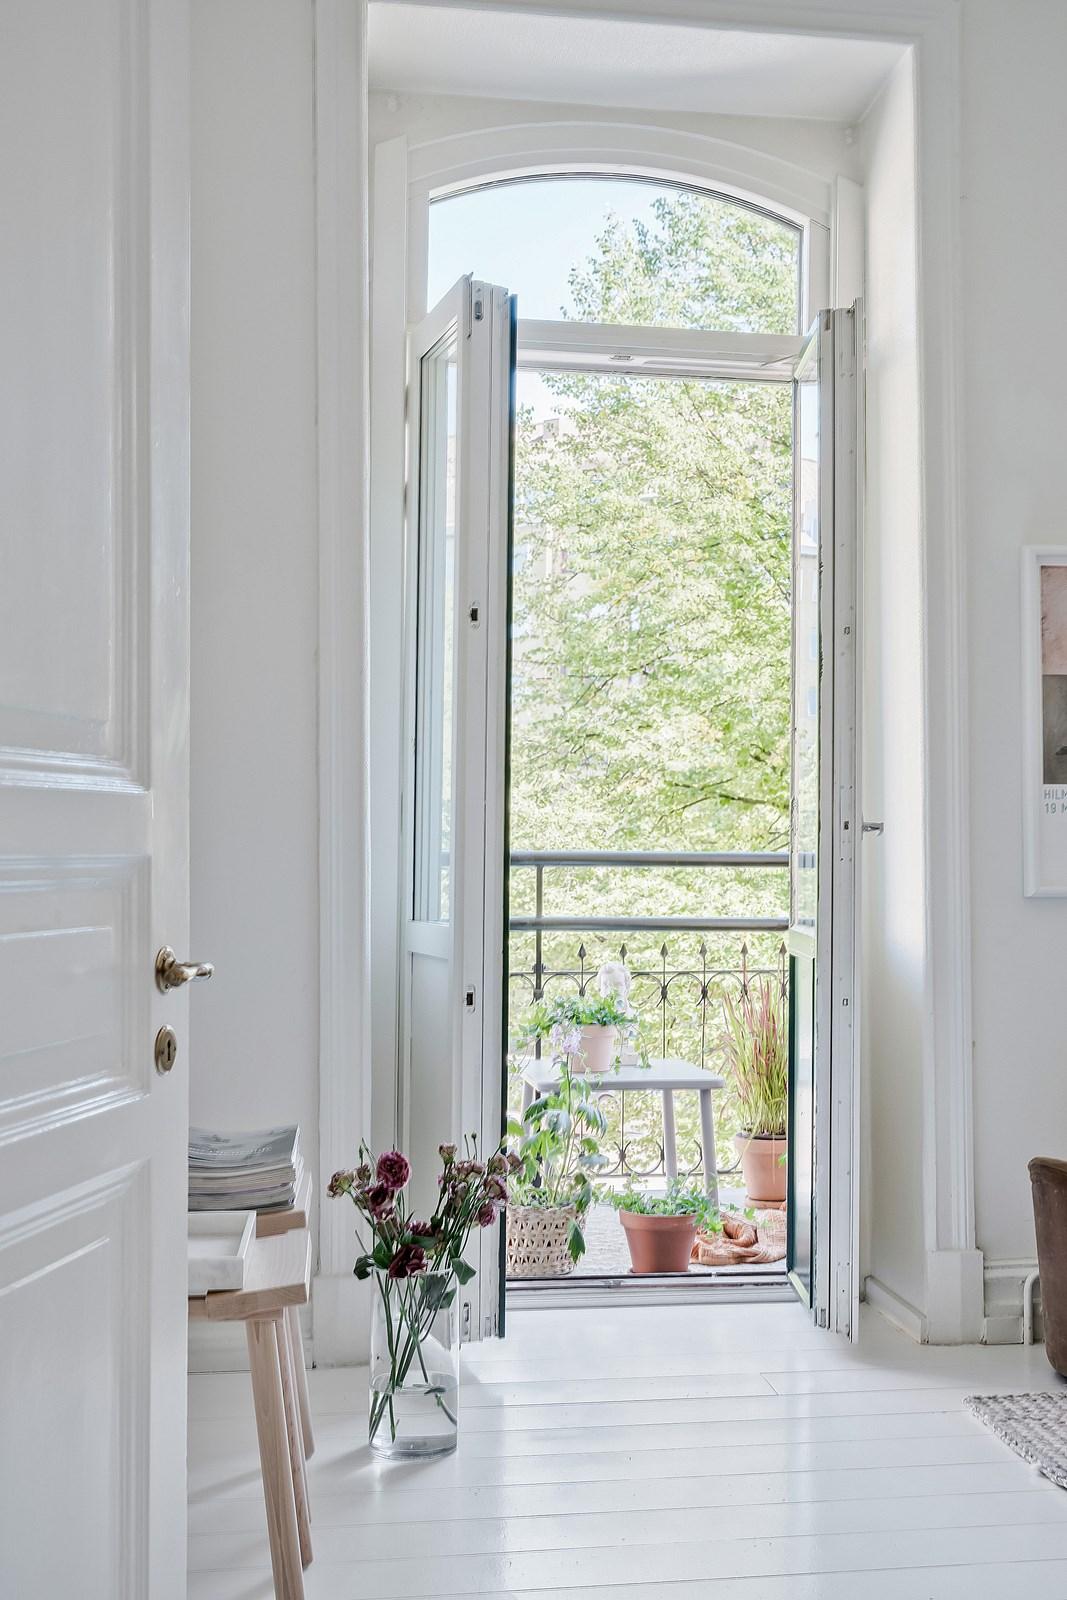 Härlig balkong med grönskande utsikt nås från vardagsrummet